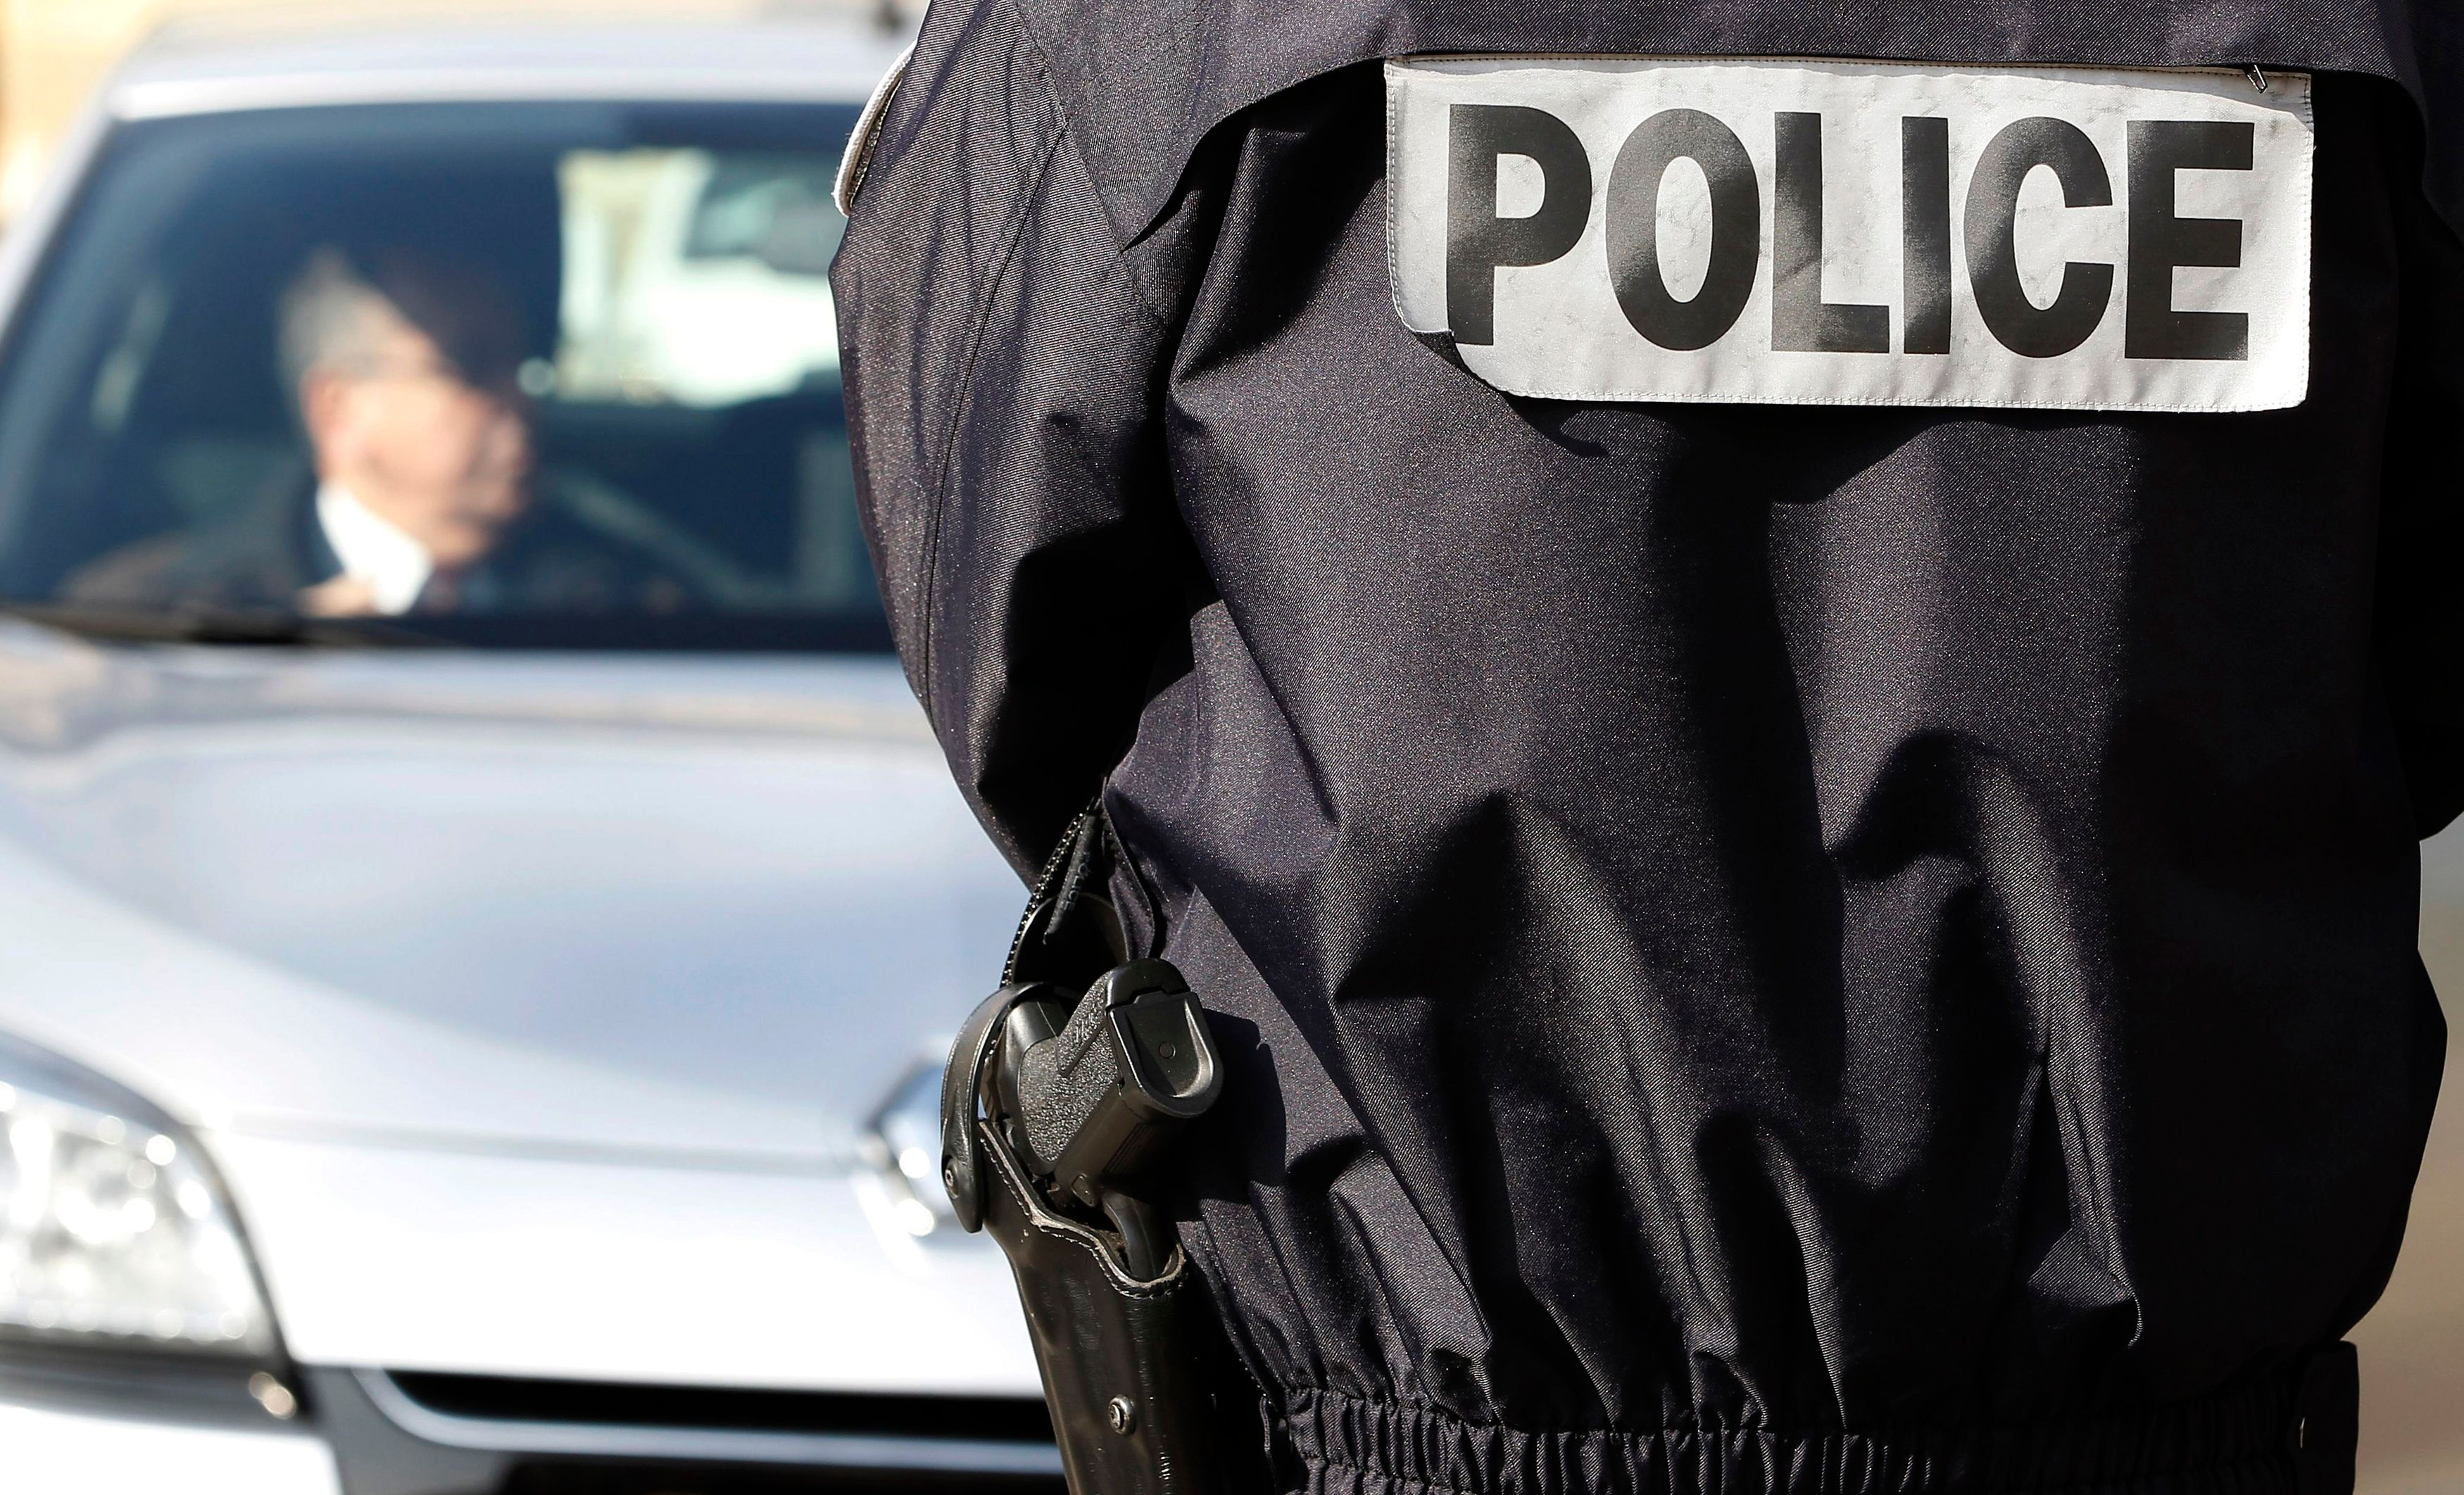 Vidéo de viol publiée sur les réseaux sociaux : deux suspects arrêtés à Perpignan